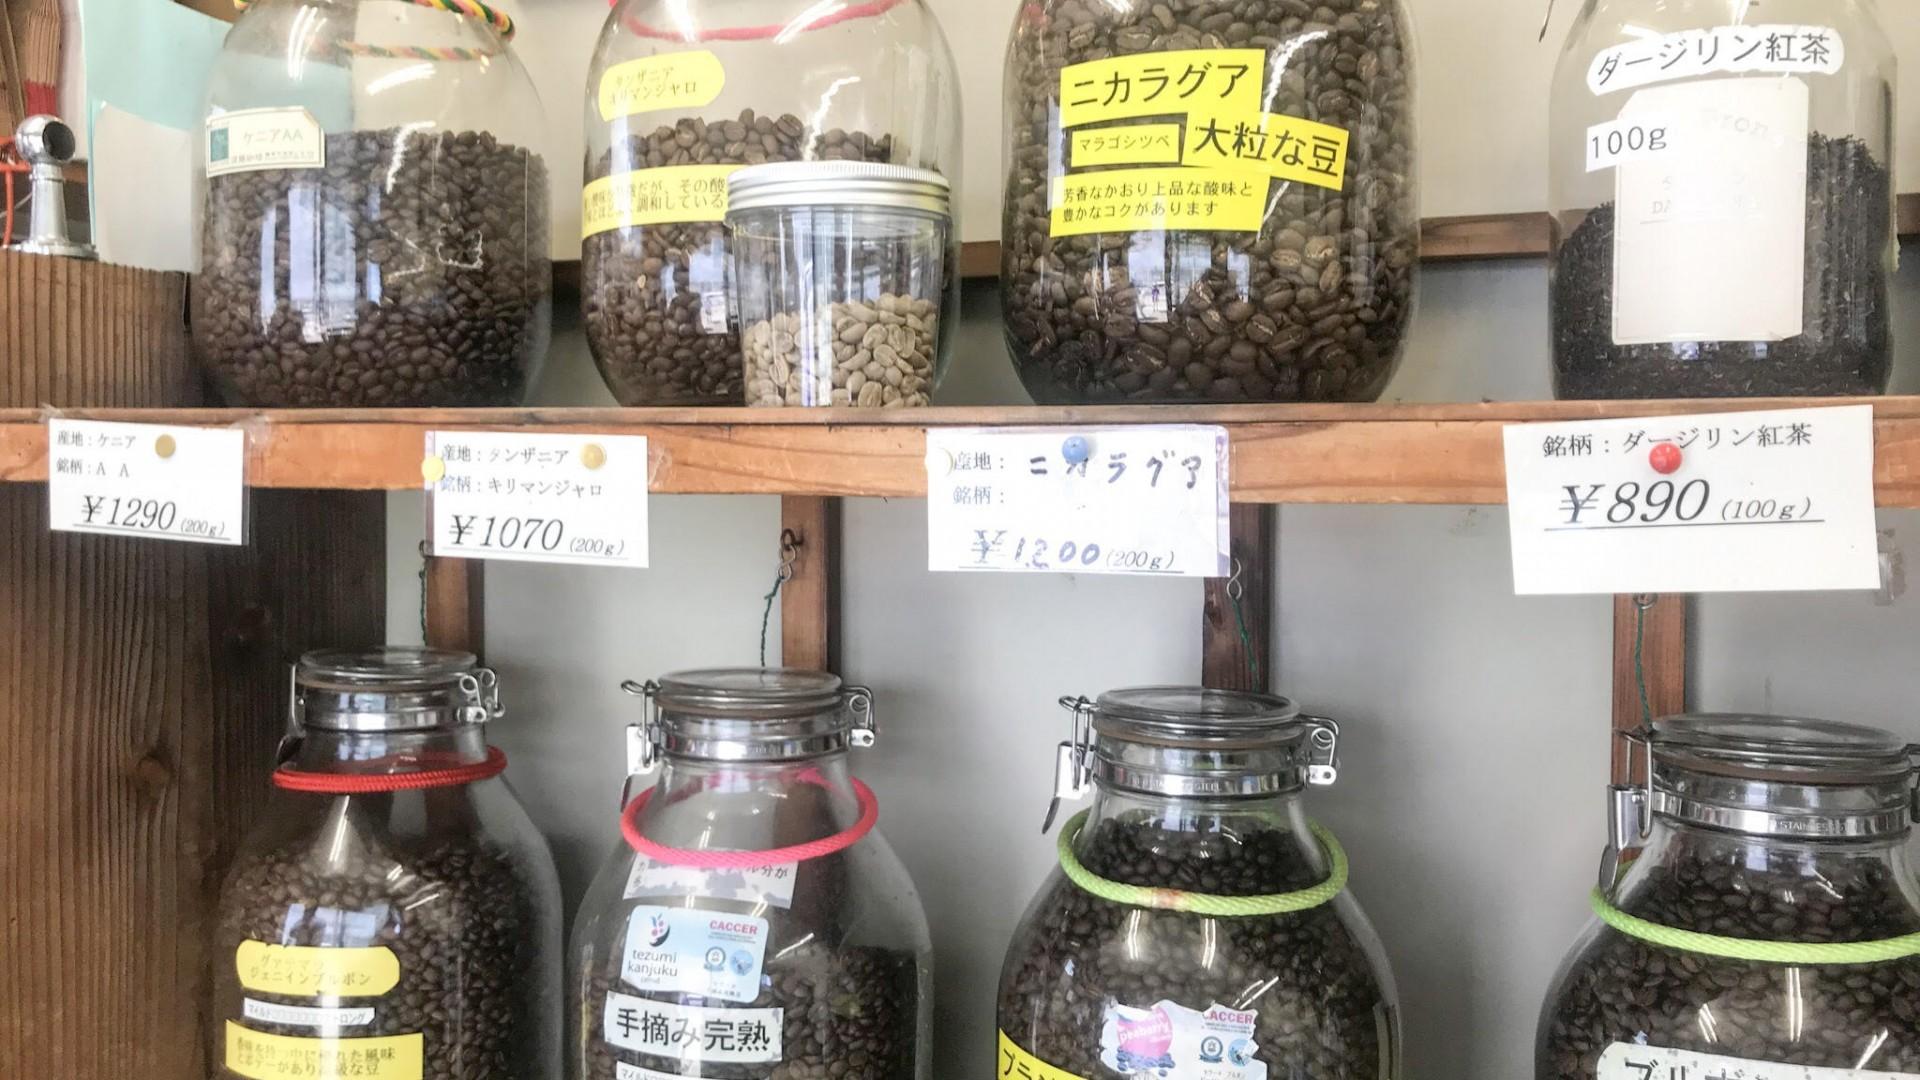 Cửa hàng cà phê Sudo